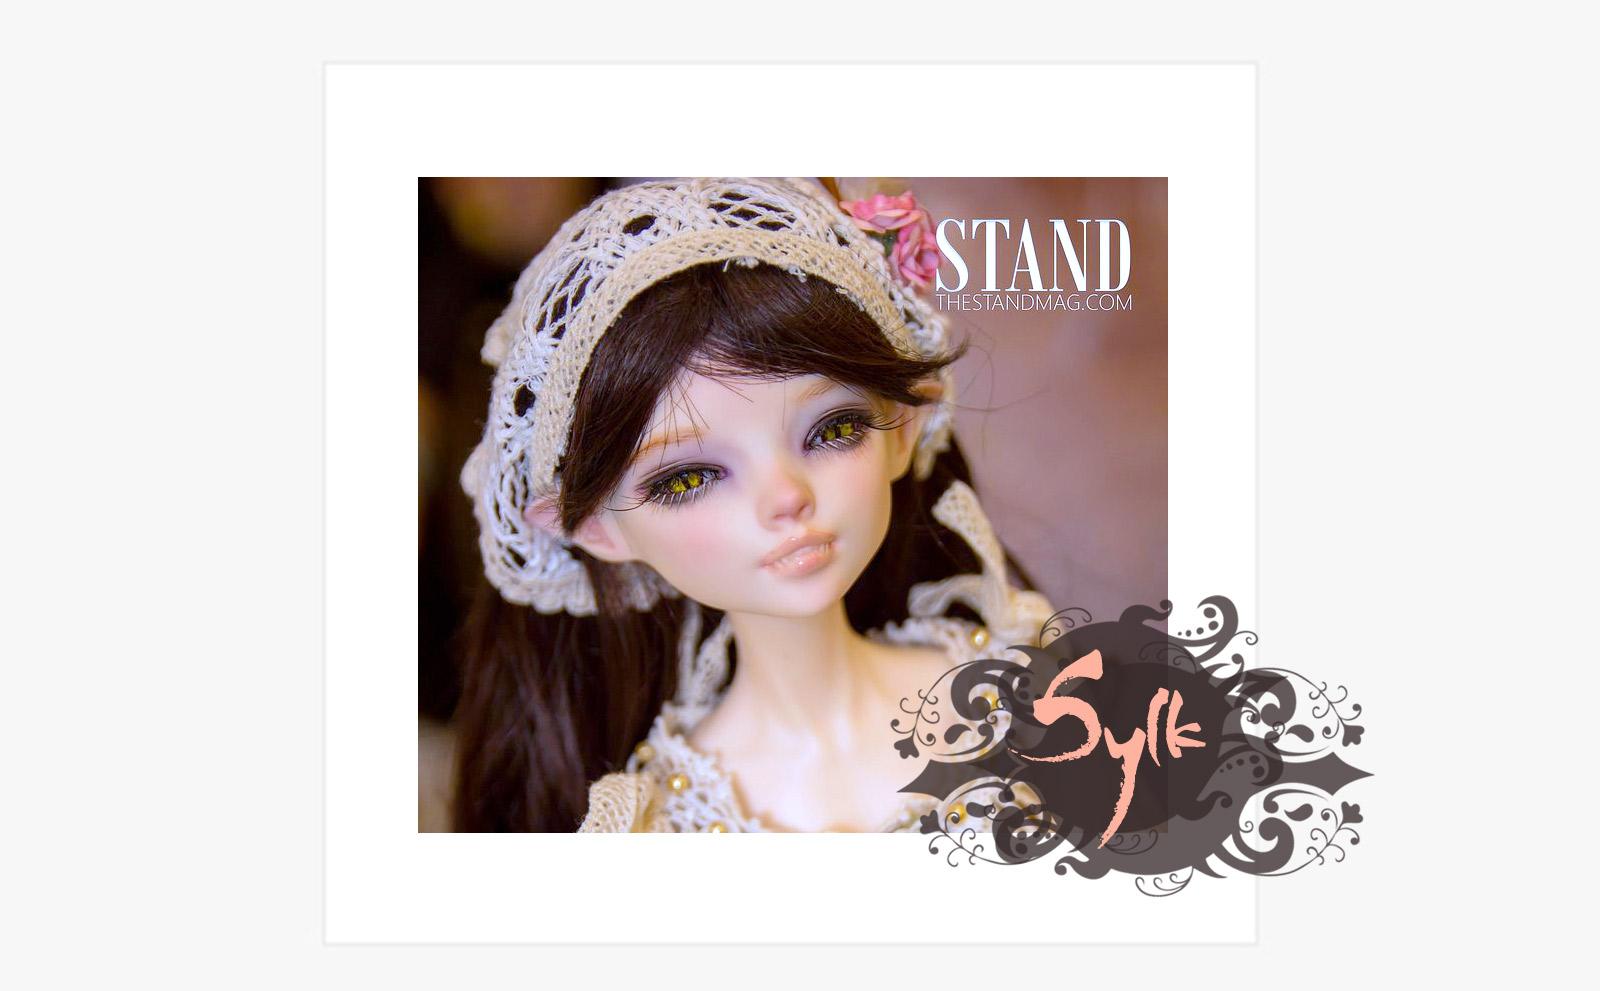 sylk_09_16.jpg